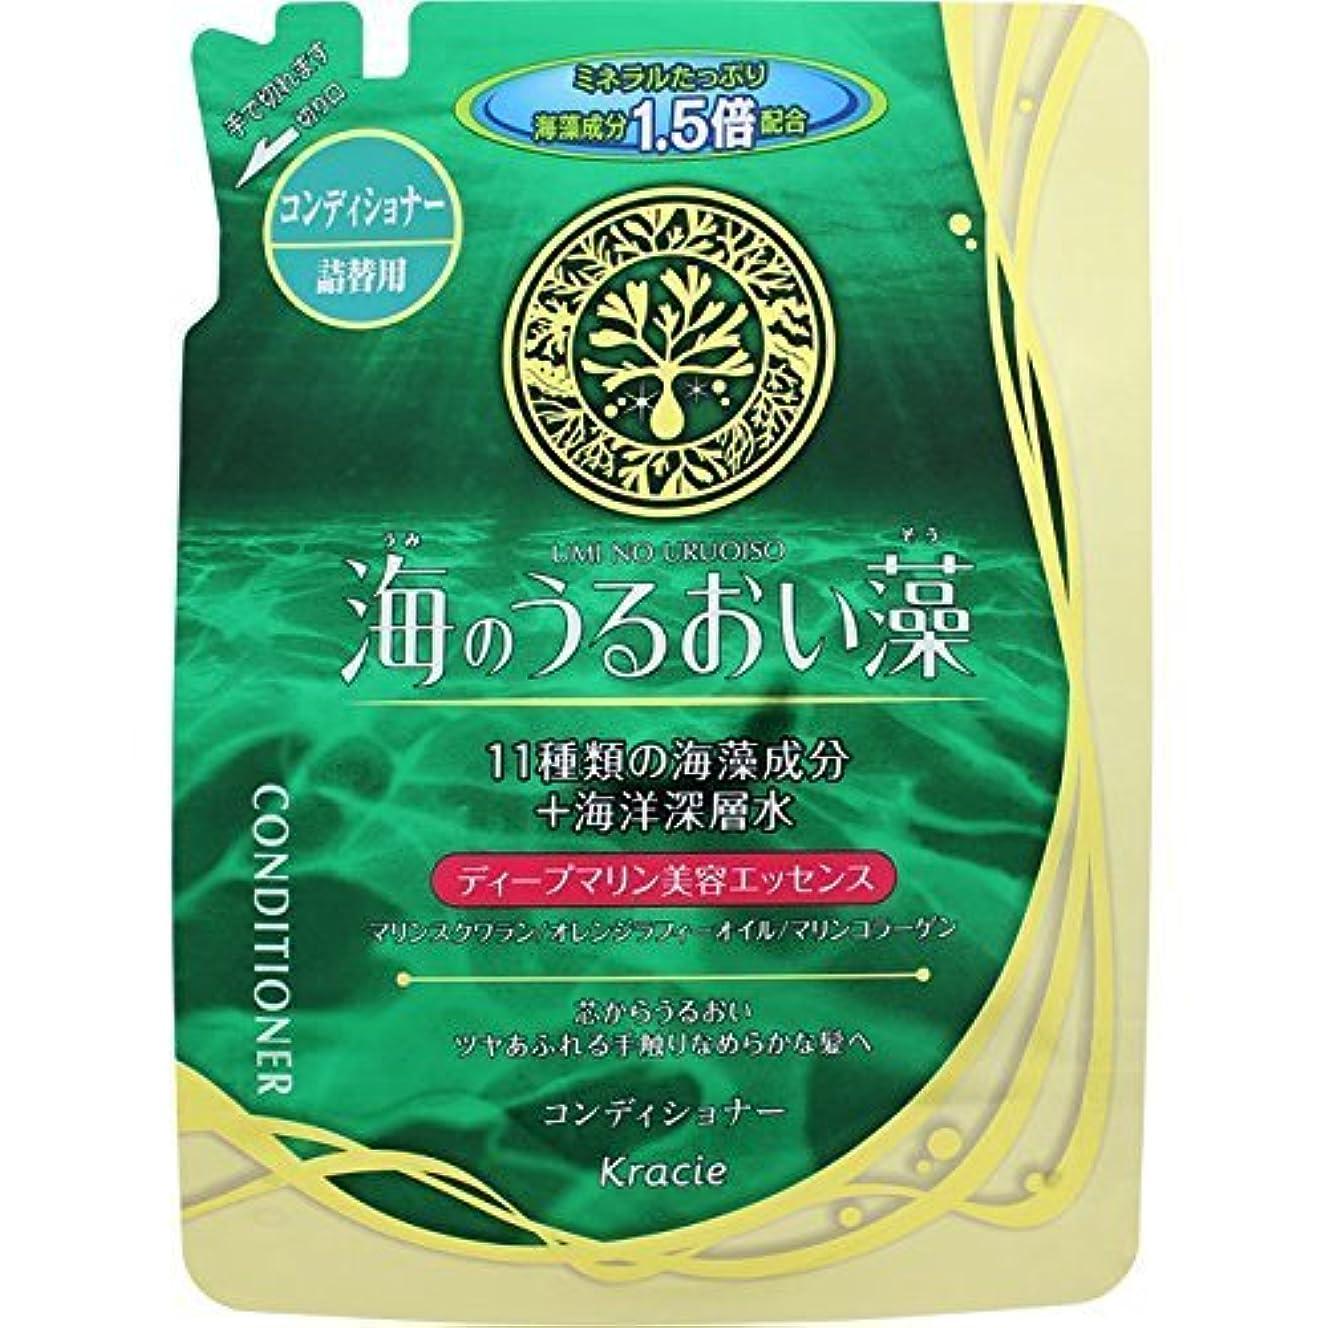 ボンド苦行ペンス【クラシエ】海のうるおい藻 コンディショナー 詰替用 420ml※お取り寄せ【NT】 ×20個セット